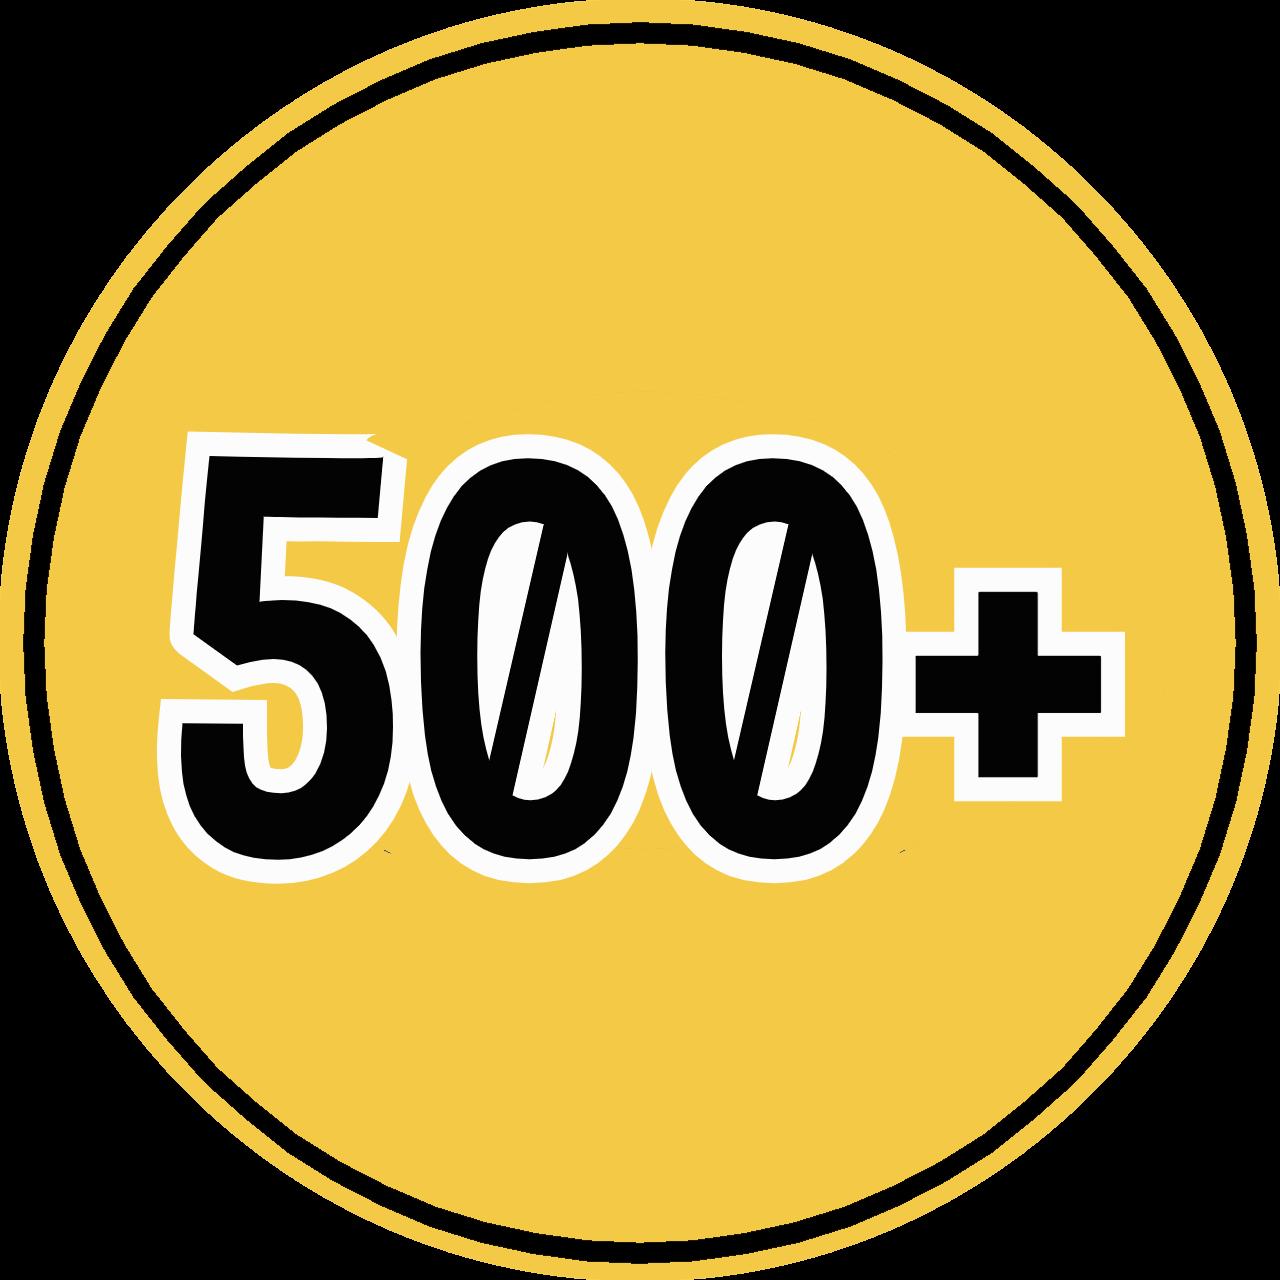 Βραβείο για άρθρο με 500+ views!